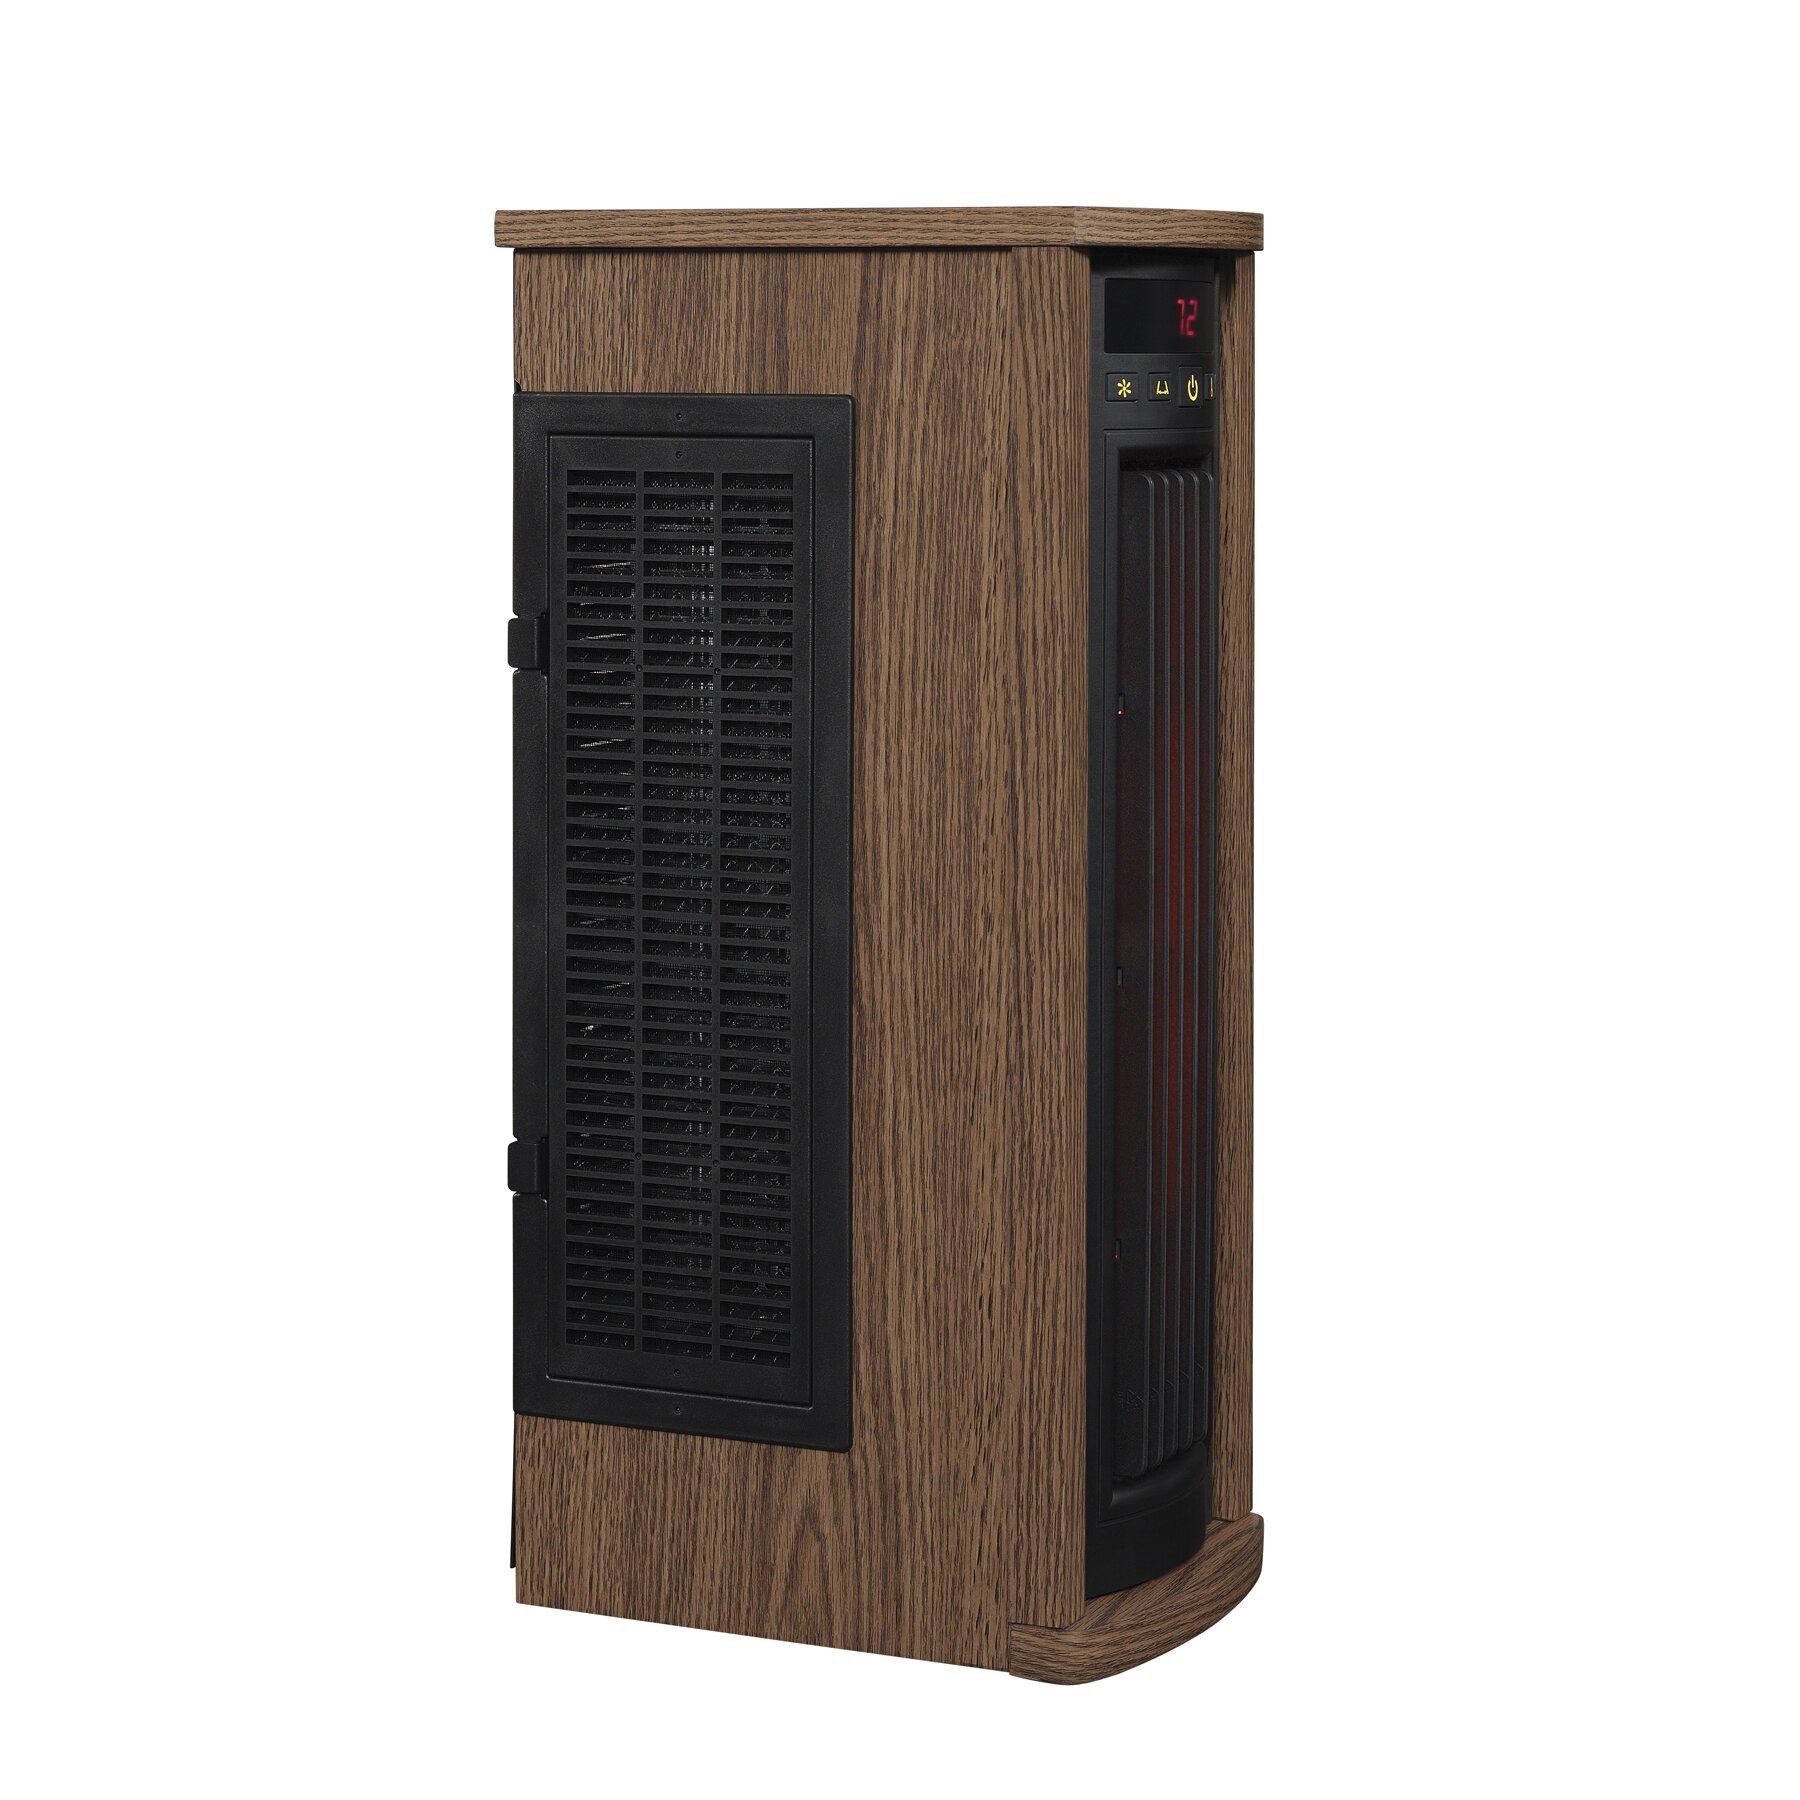 1,500 Watt Portable Electric Infrared Tower Heater & Reviews | Wayfair